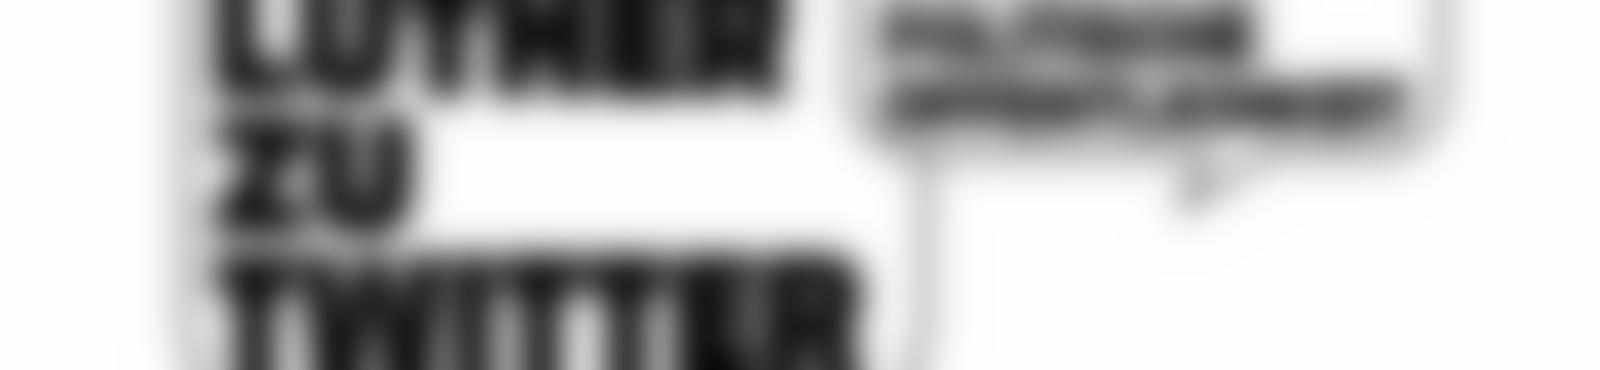 Blurred c1abd7d3 ed58 4f02 a3f0 b6f4ab4e1d33